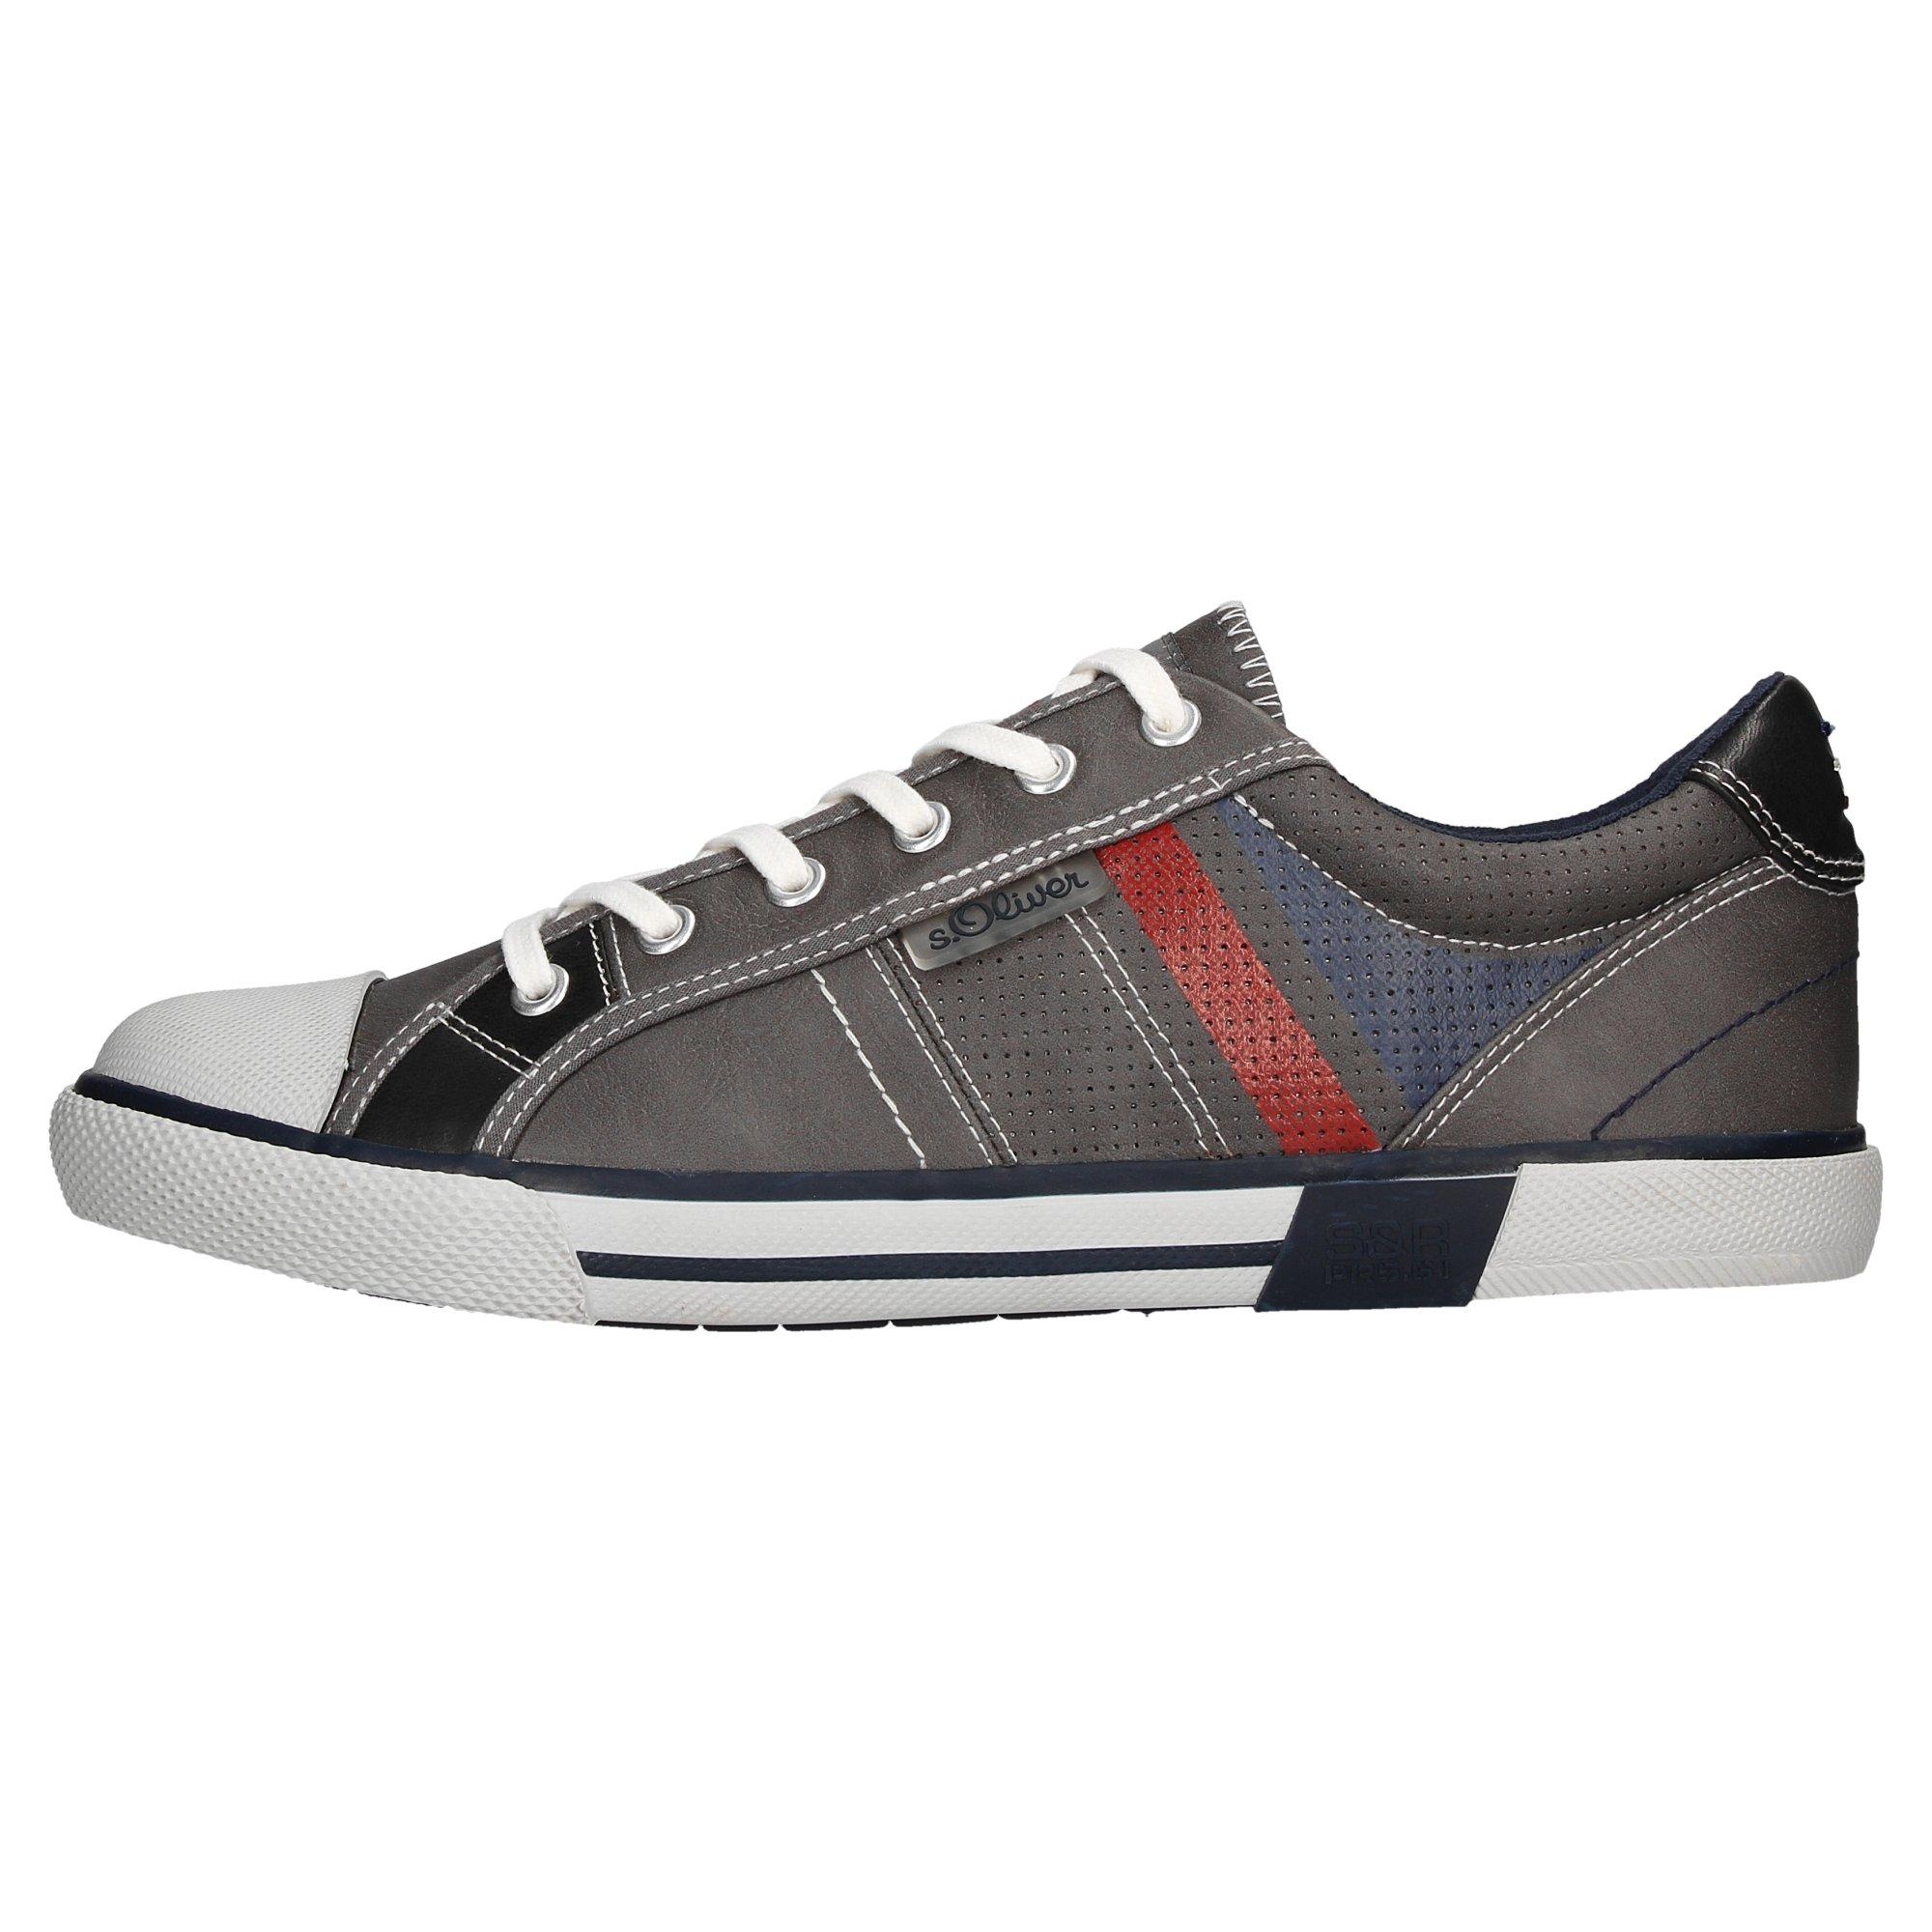 be7f4a0f Wygodne męskie tenisówki s.Oliver buty casual r 42 - 7417940873 ...